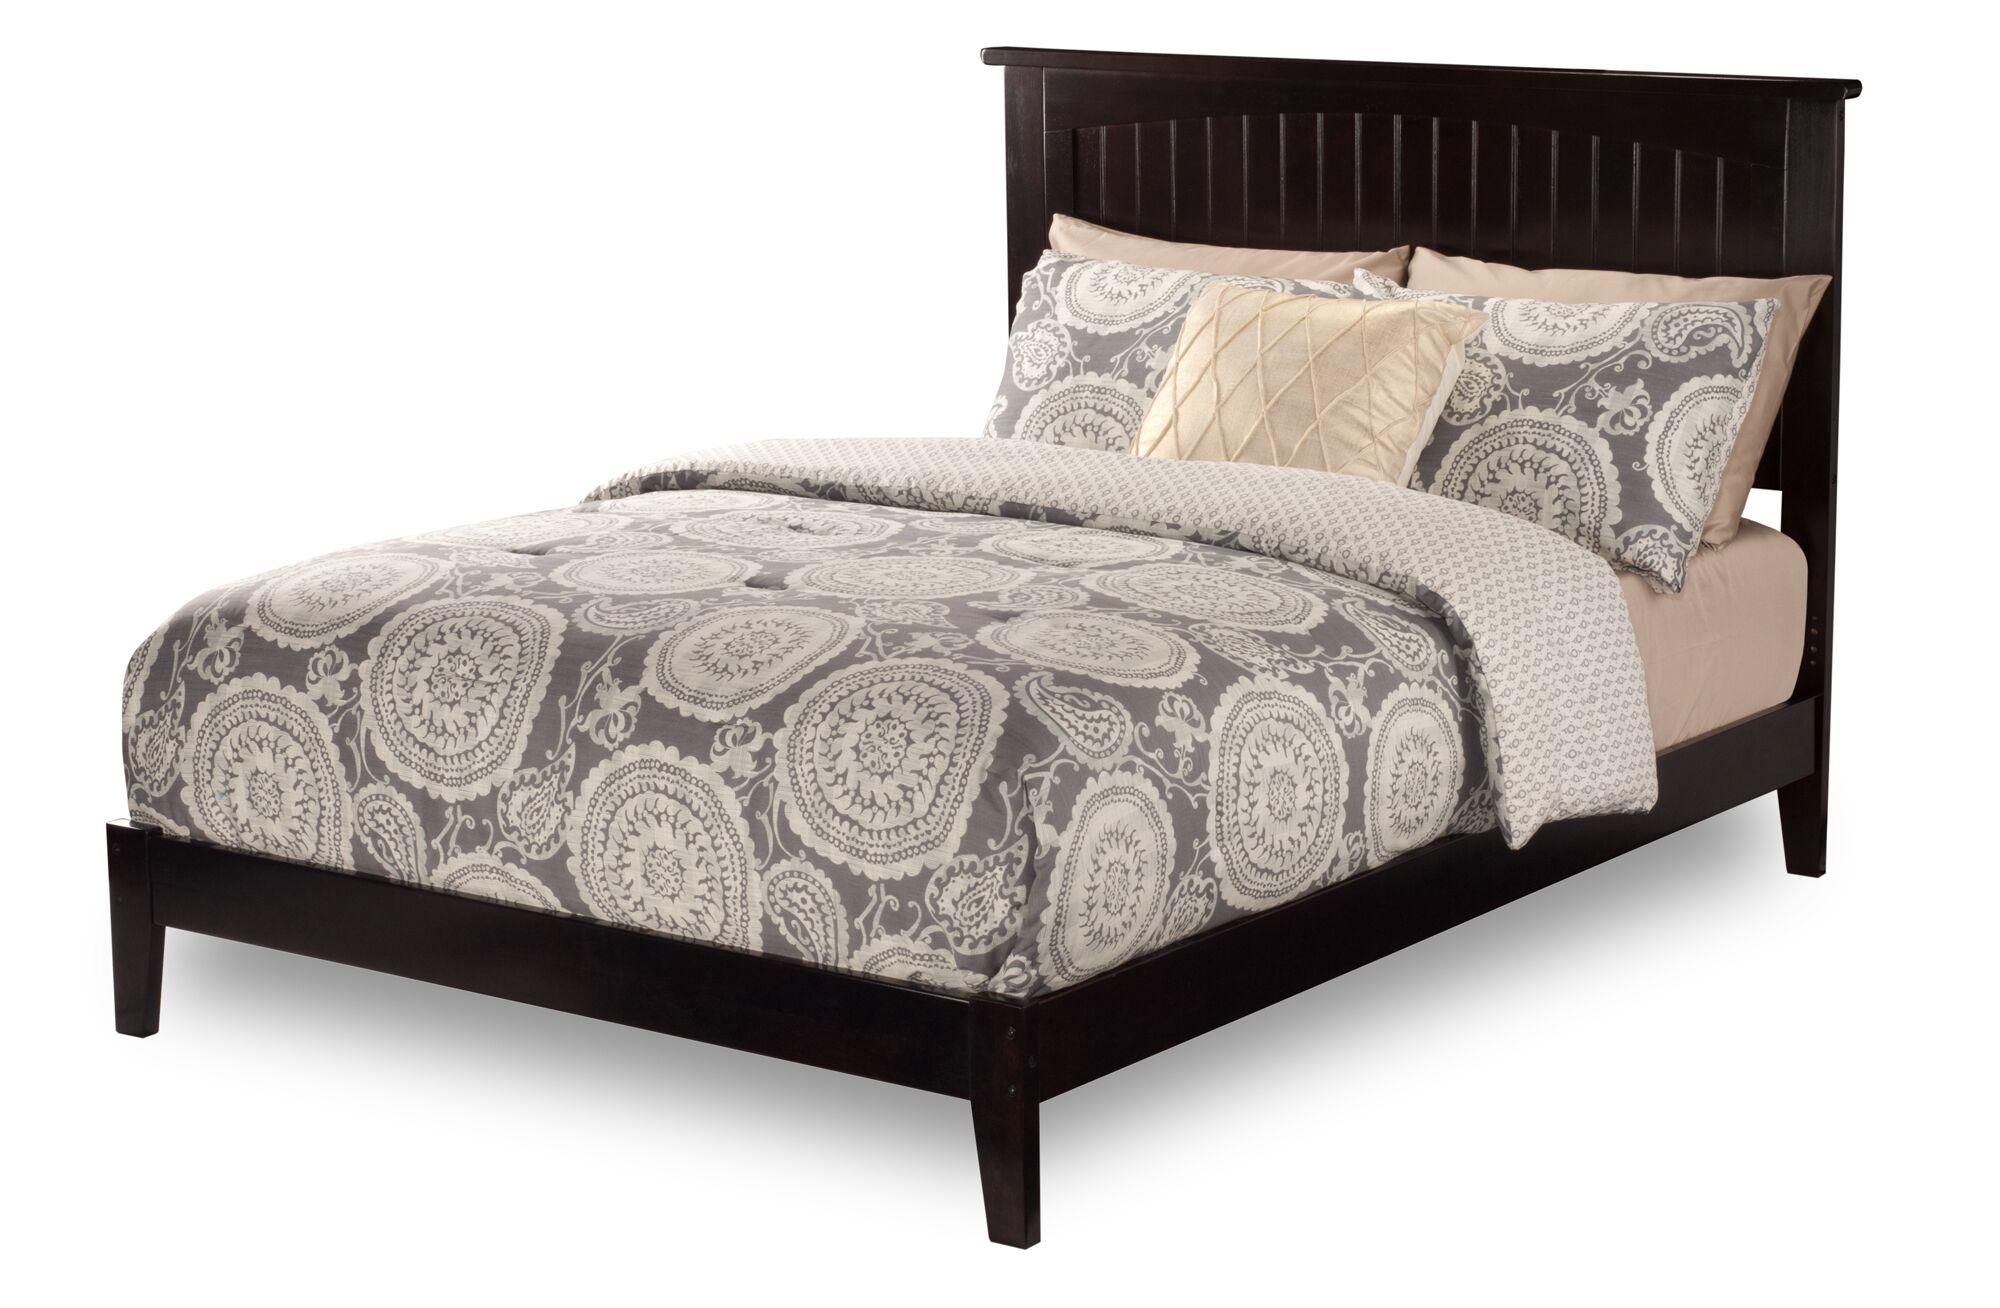 Benites Platform Bed Color: Espresso